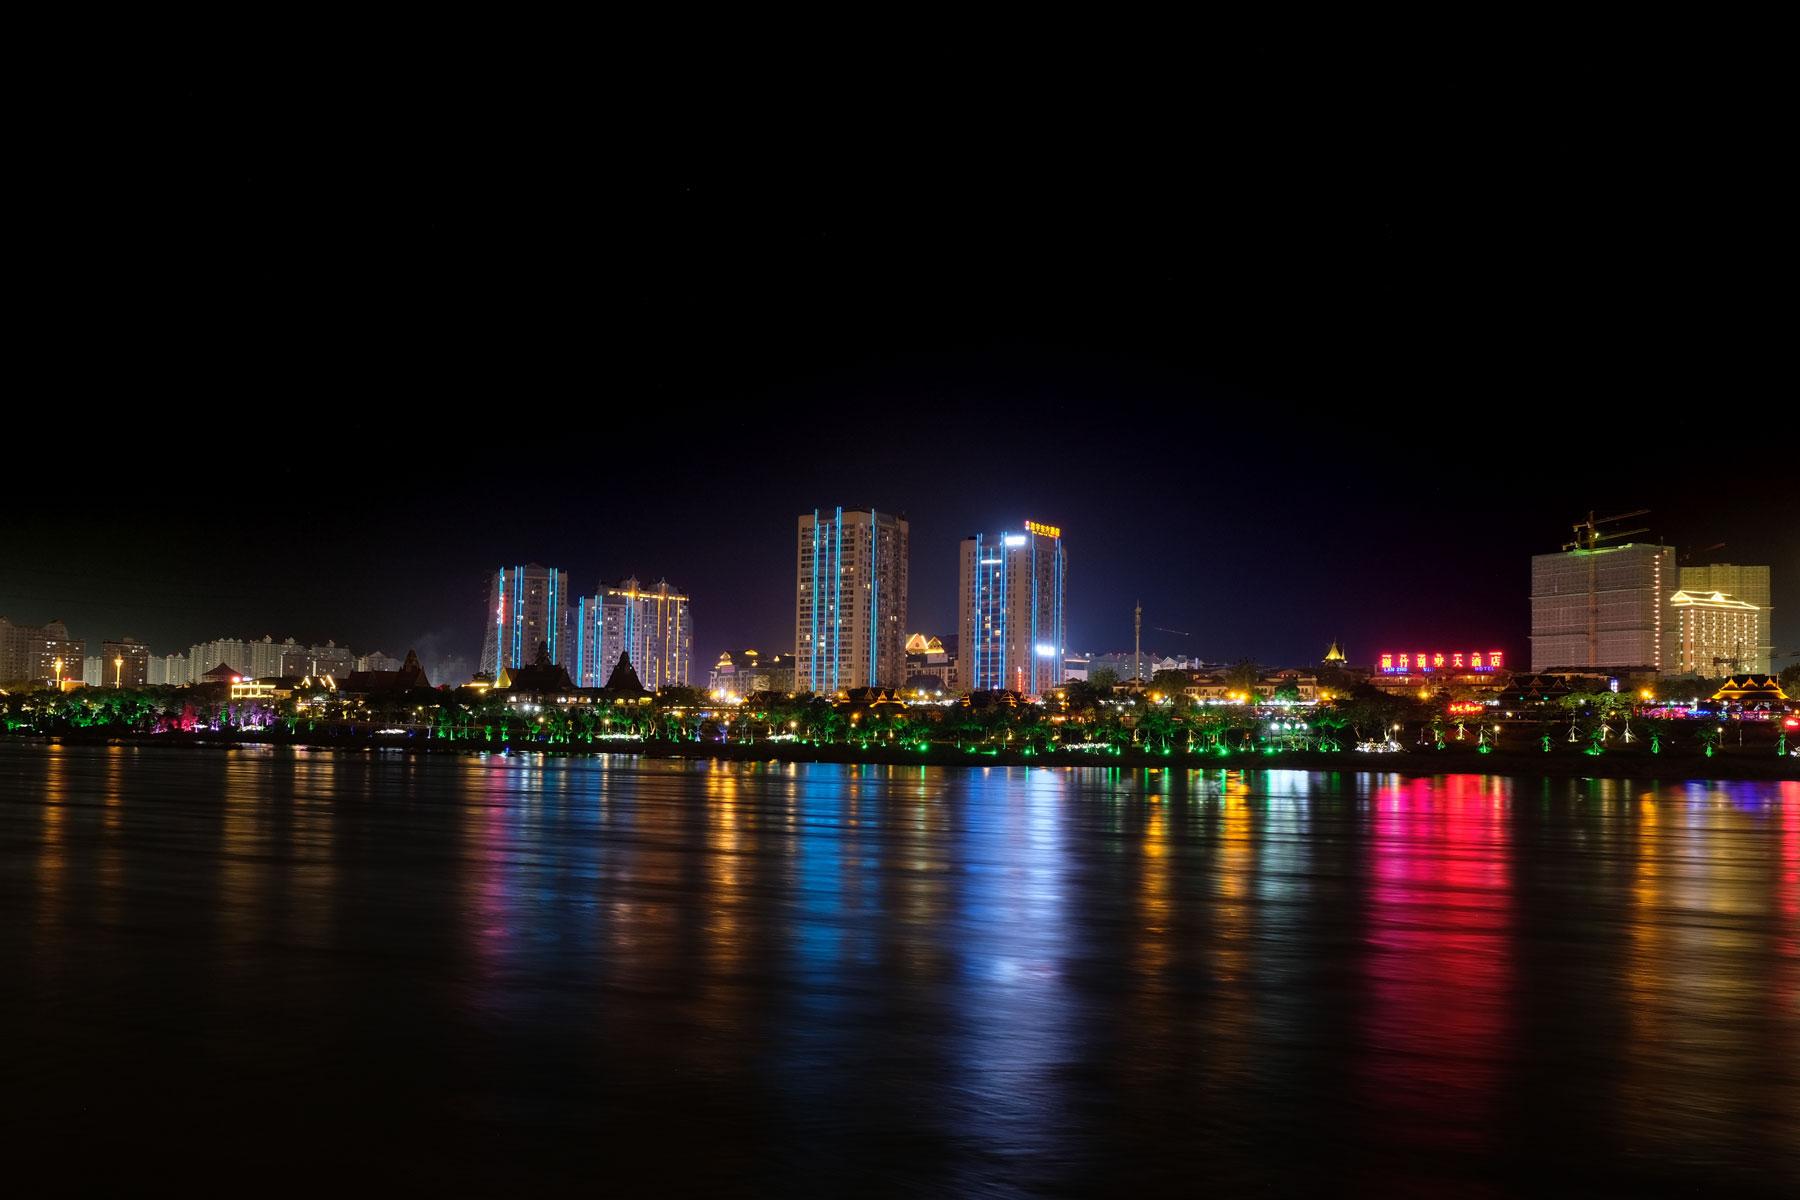 Jinghong und der Mekong bei Nacht.